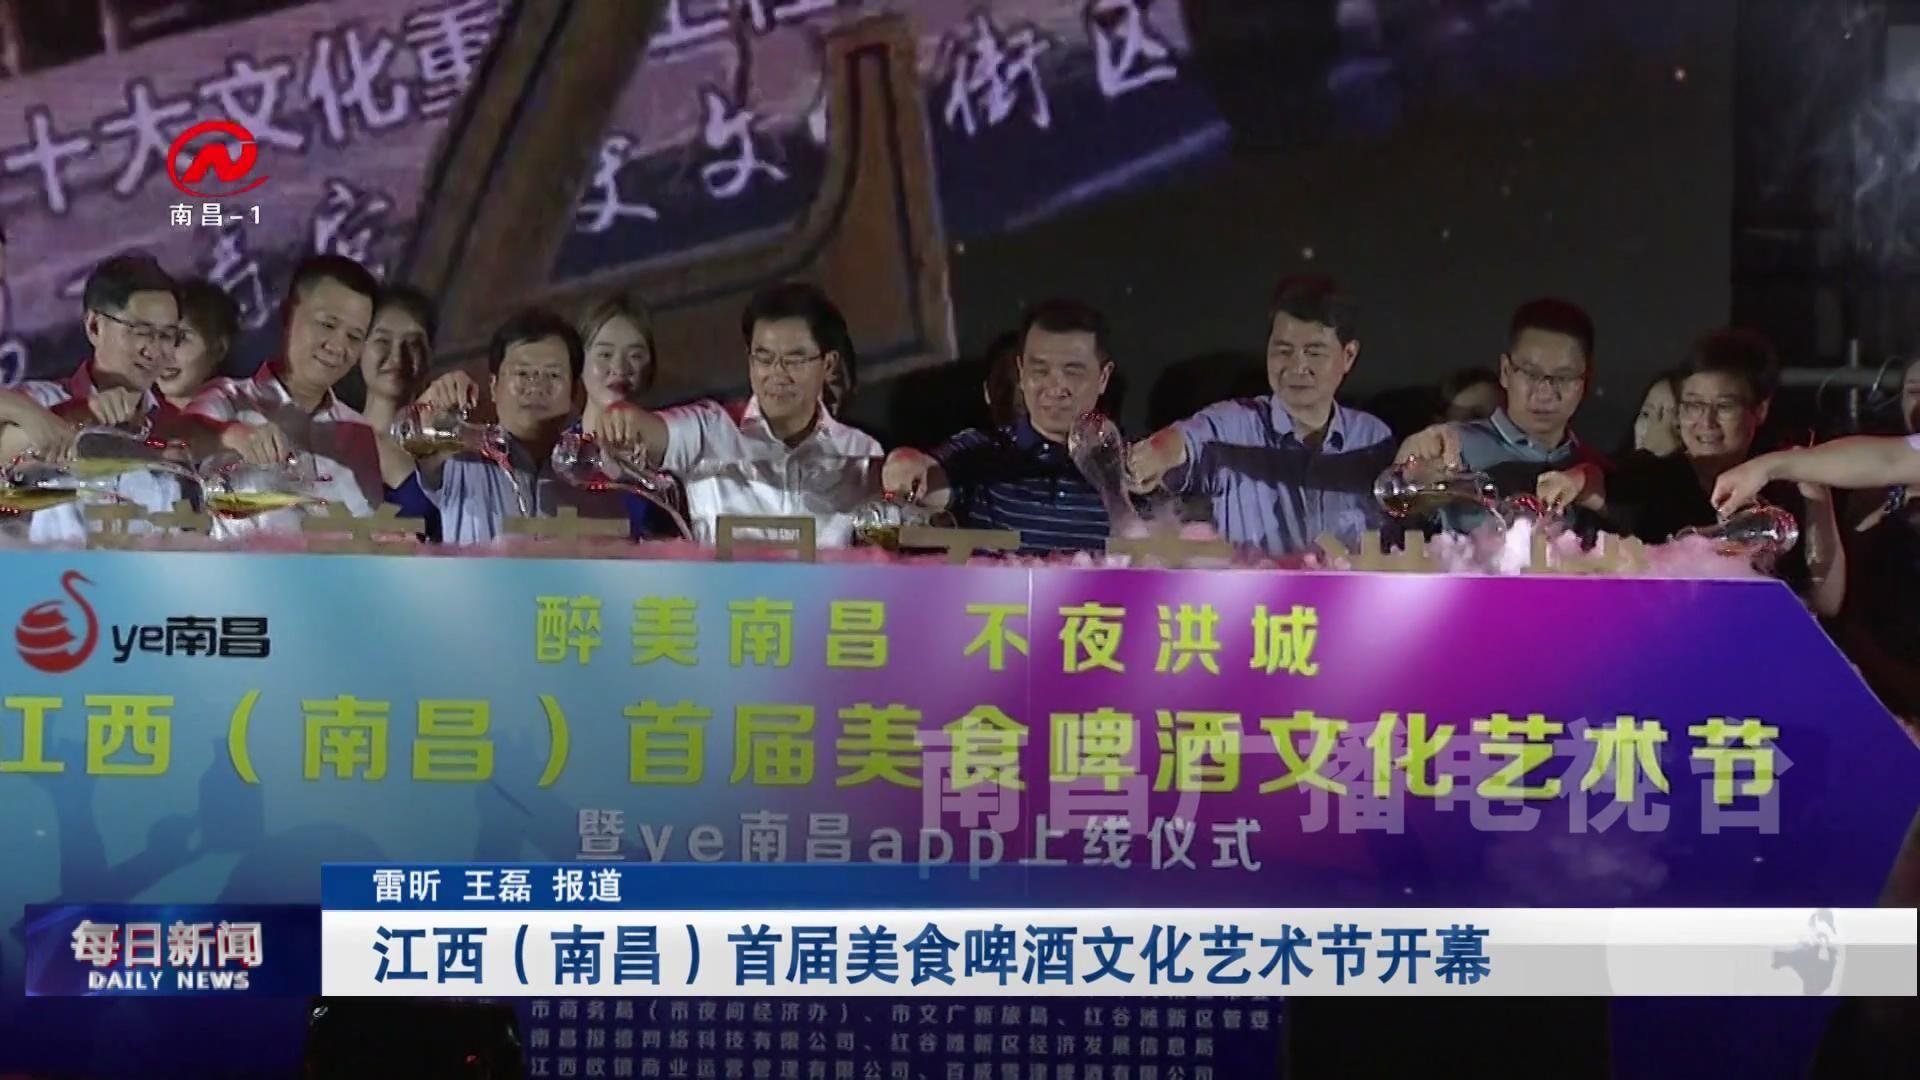 江西(南昌)首届美食啤酒文化艺术节开幕